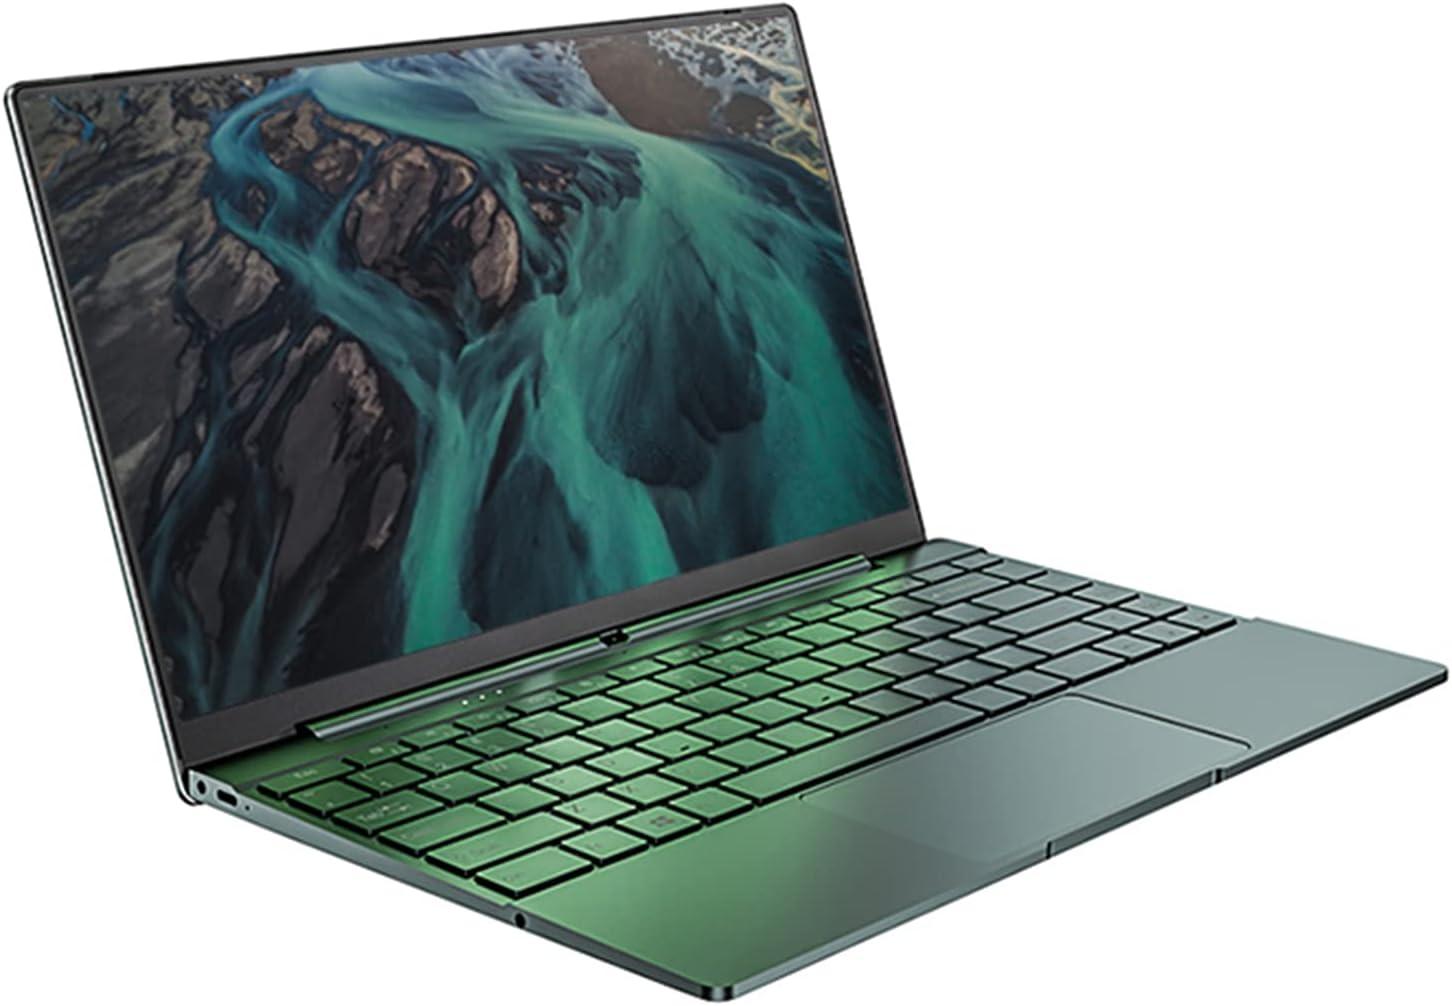 Daysky V14S Laptop, 14.1